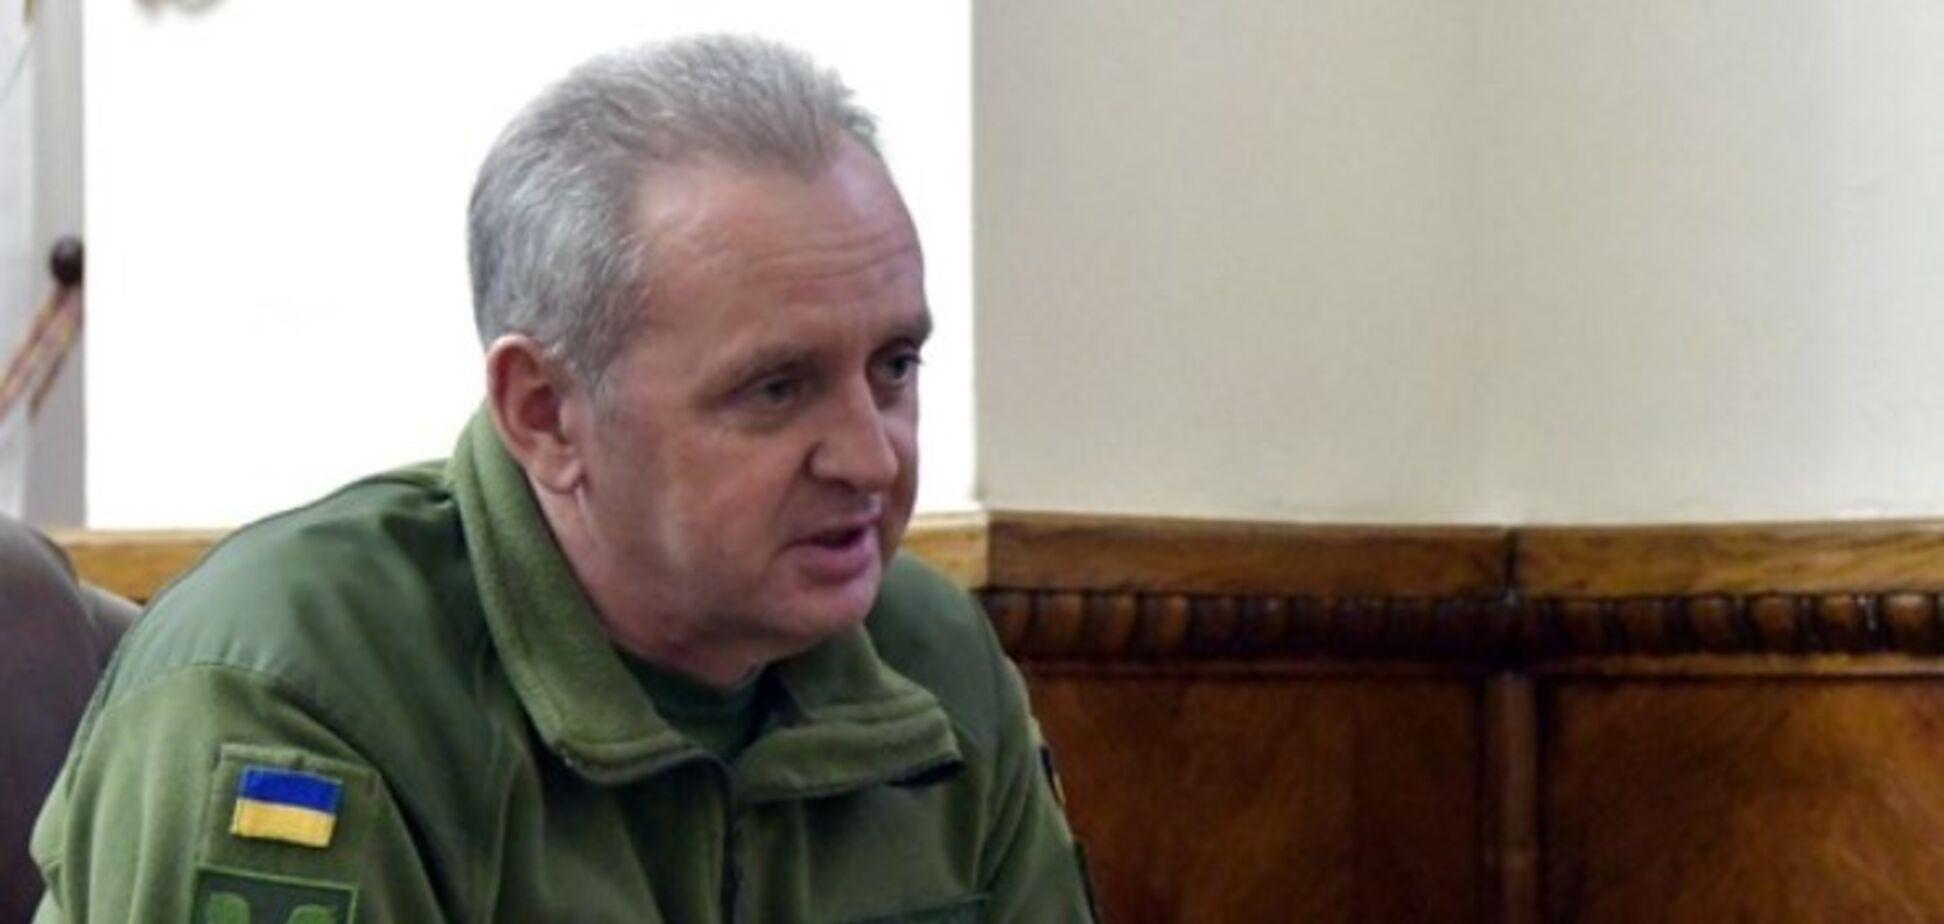 Дал команду 'Огонь!' На начальника Генштаба Украины завели уголовное дело